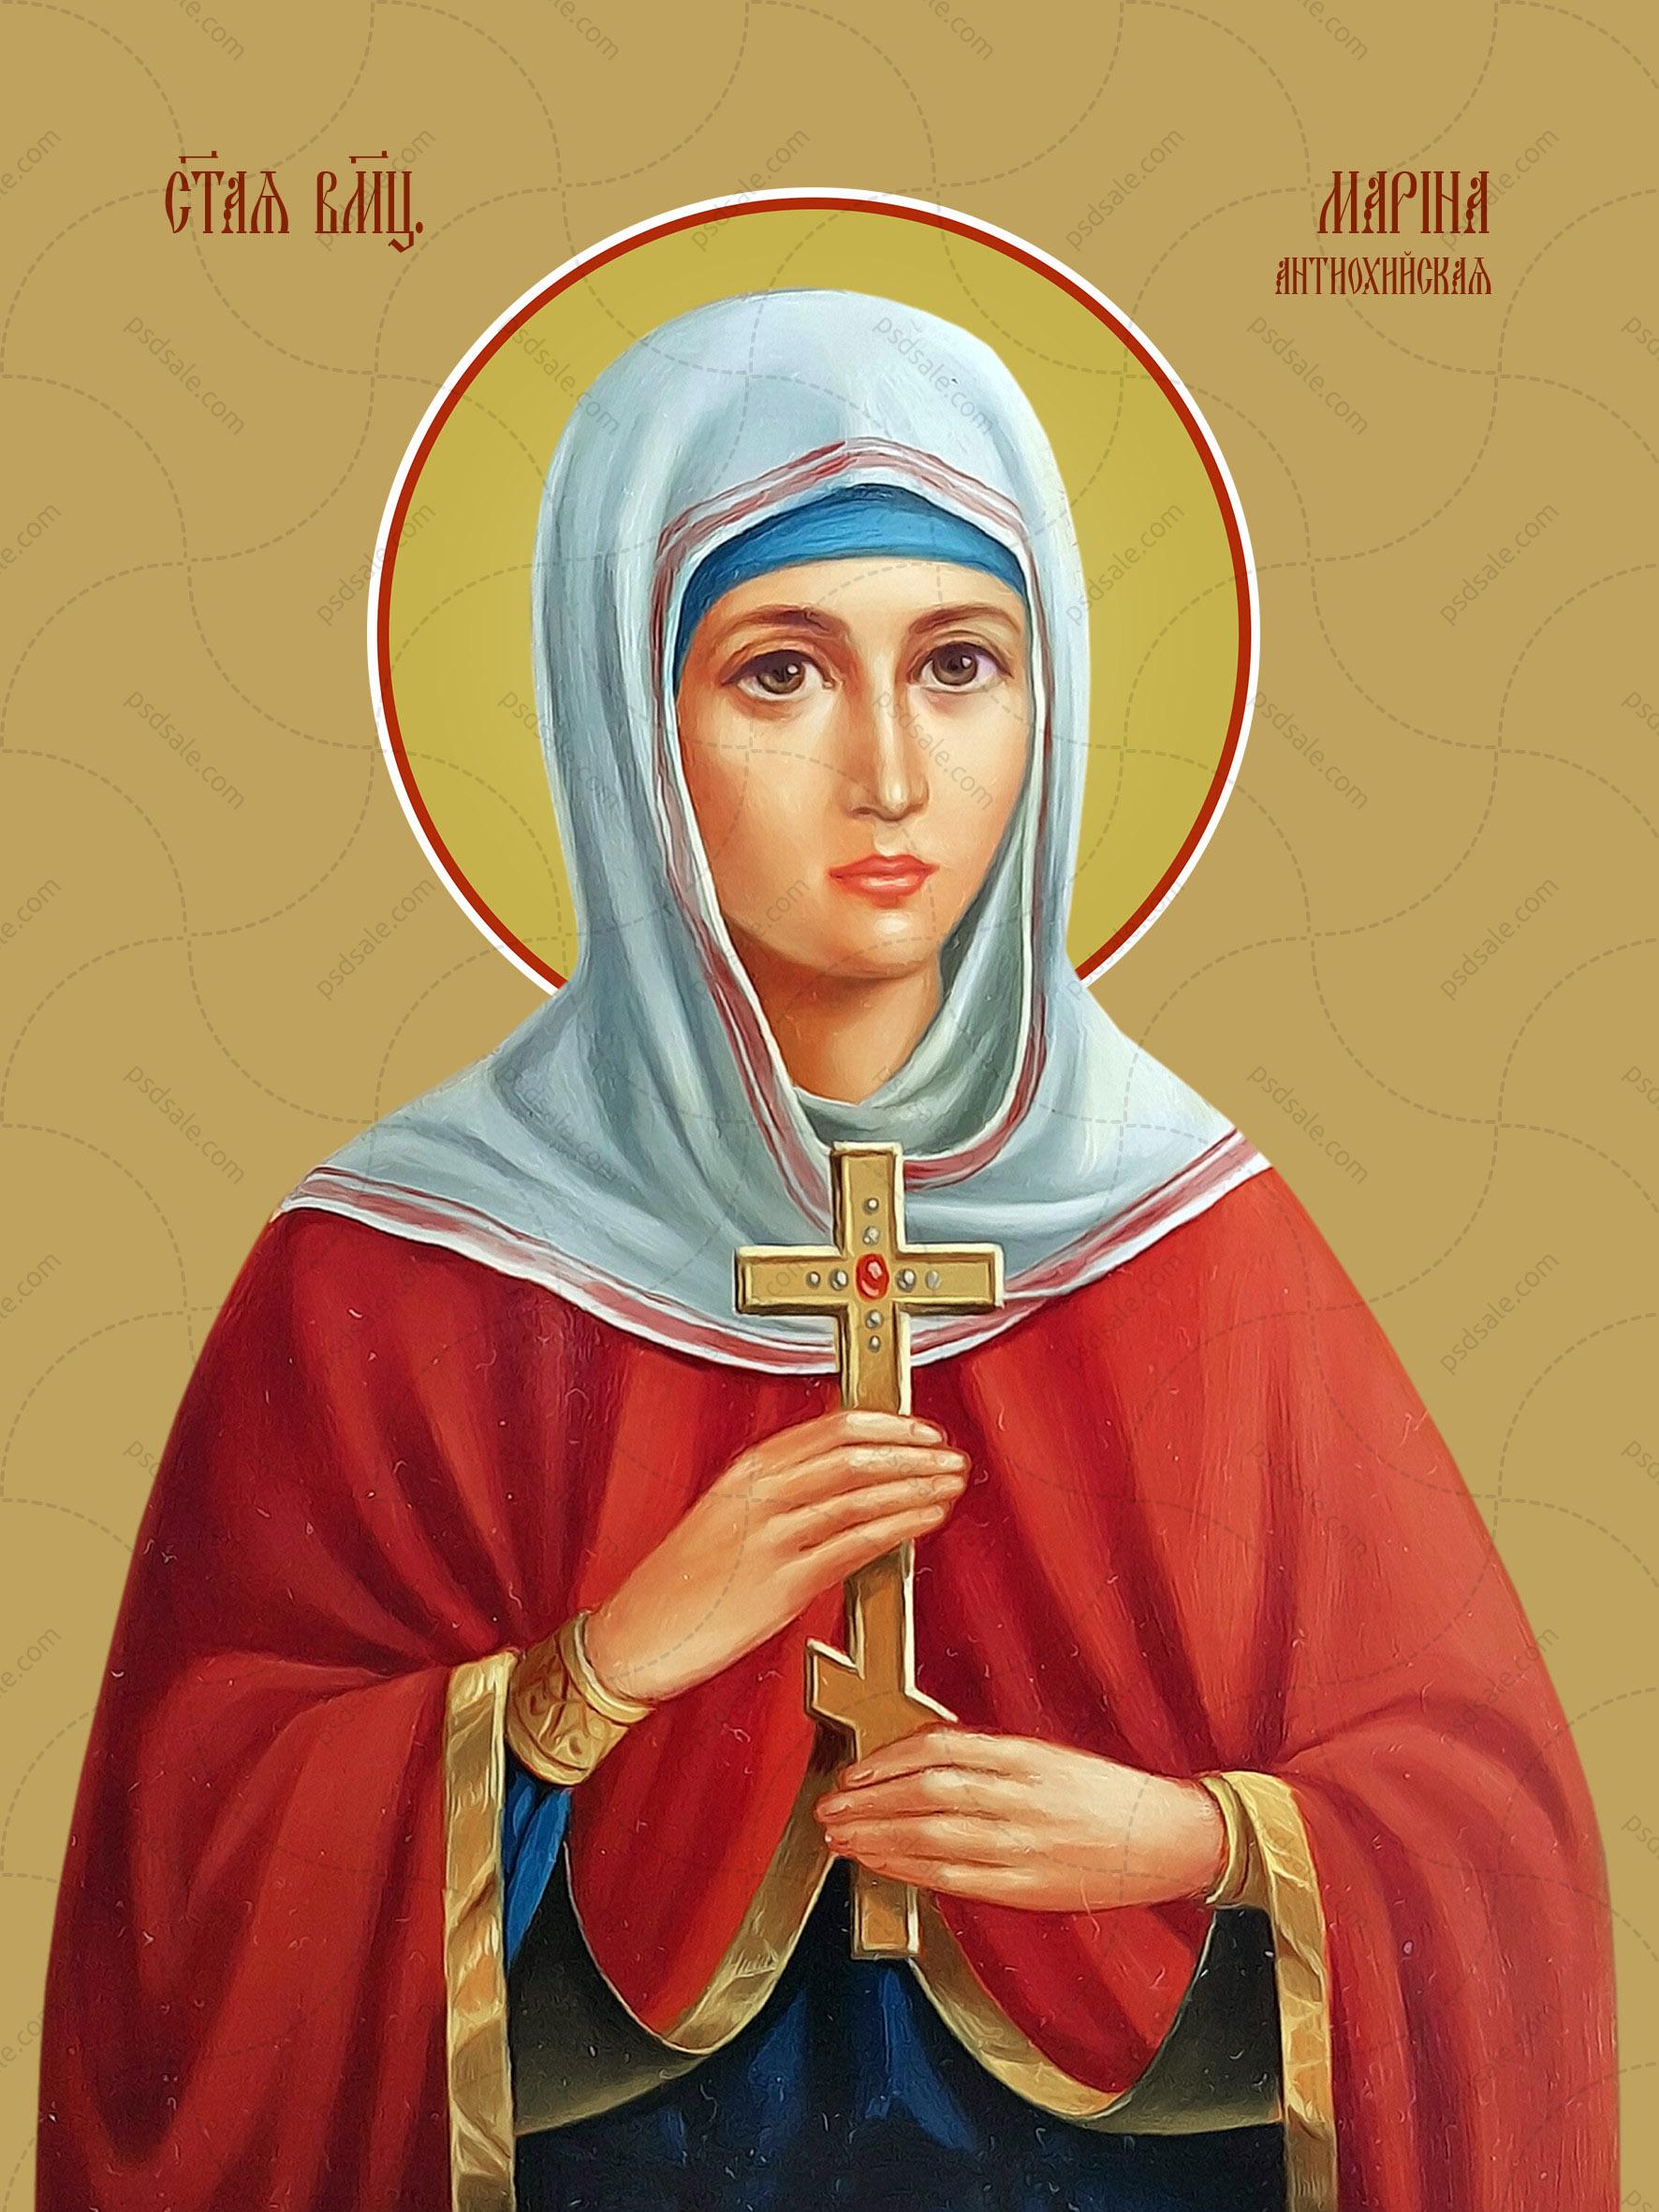 Марина (Маргарита) Антиохийская, святая